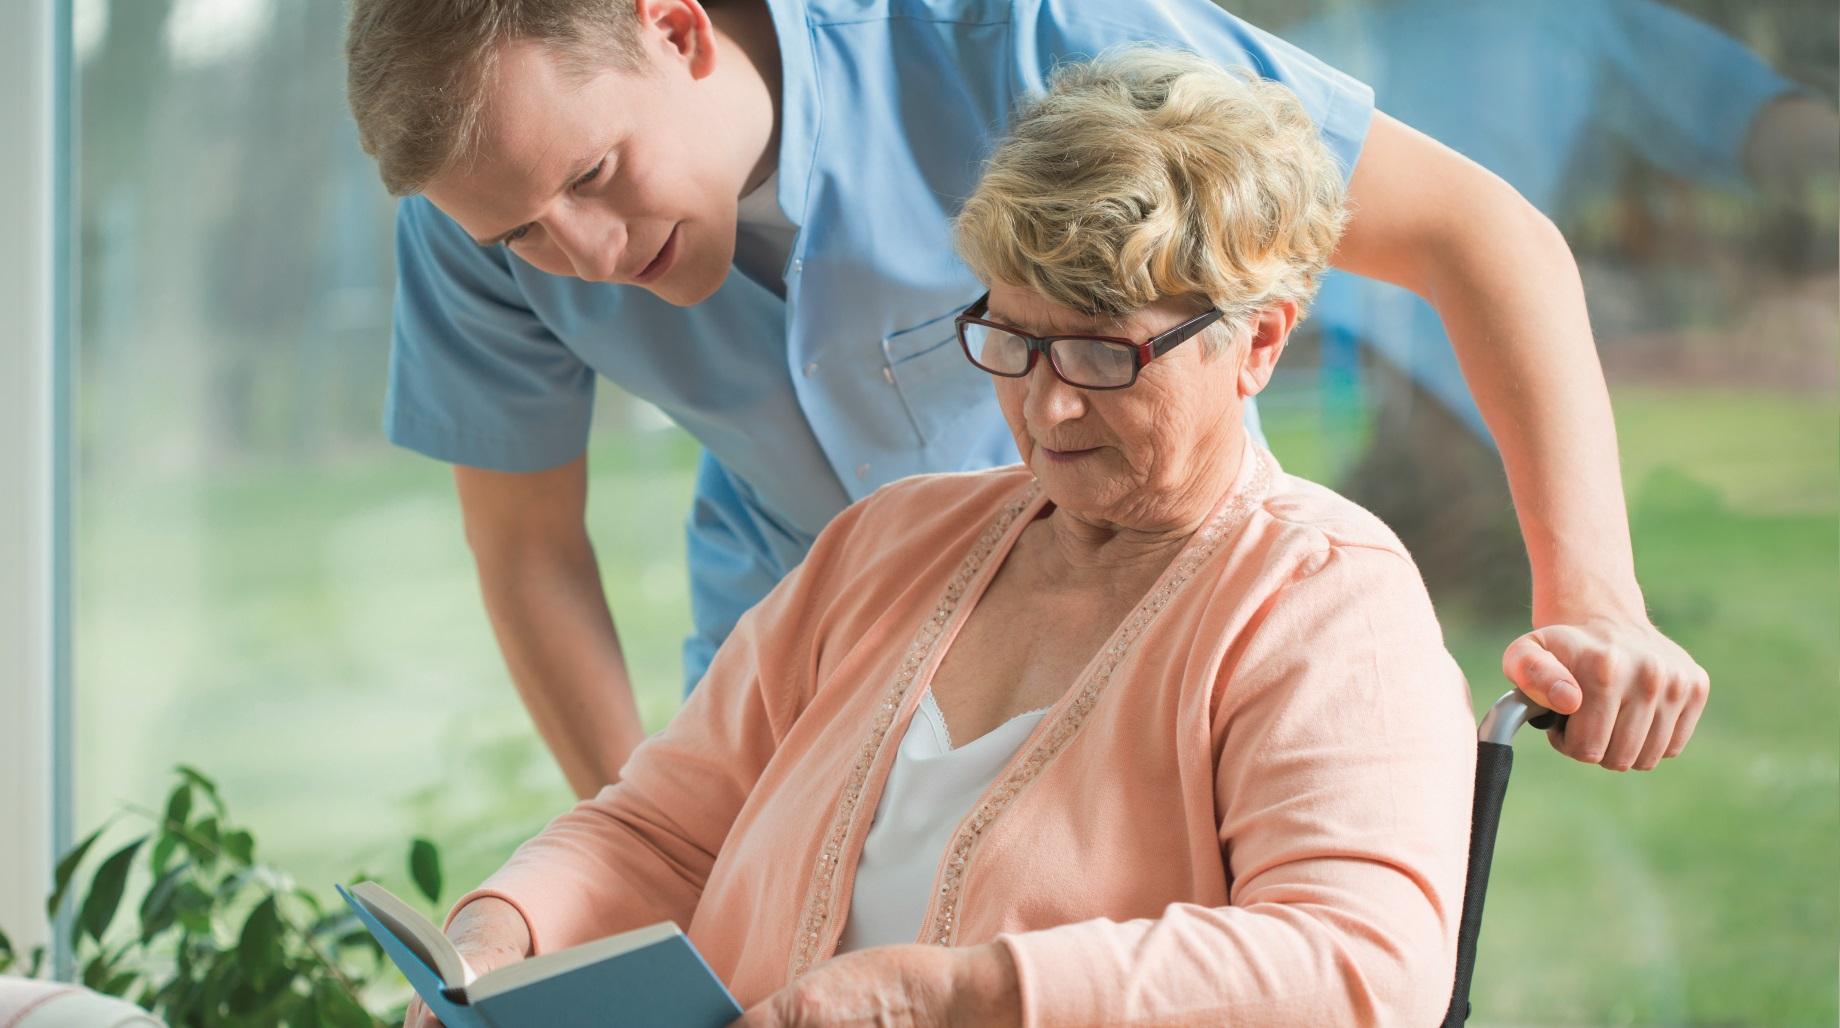 Pflegehilfe unterstützt in den eigenen vier Wänden eine Frau im Rollstuhl.